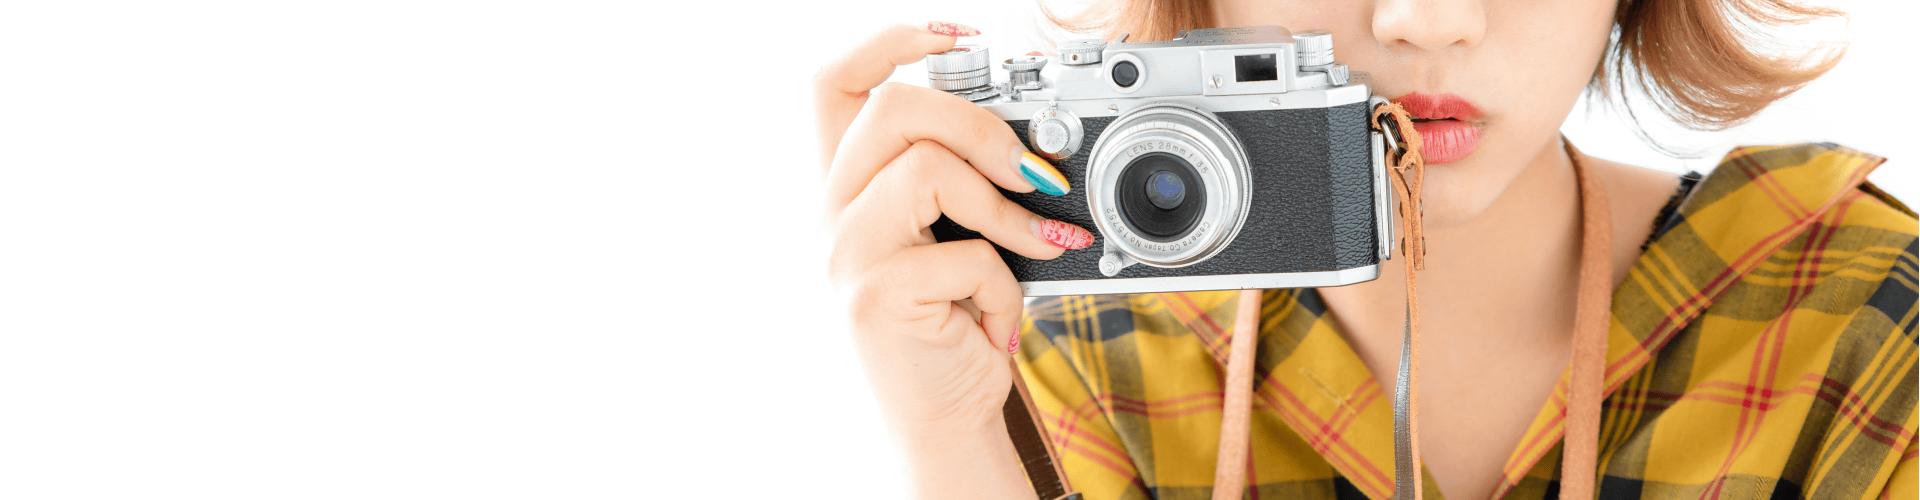 フィルム写真を撮りませんか?